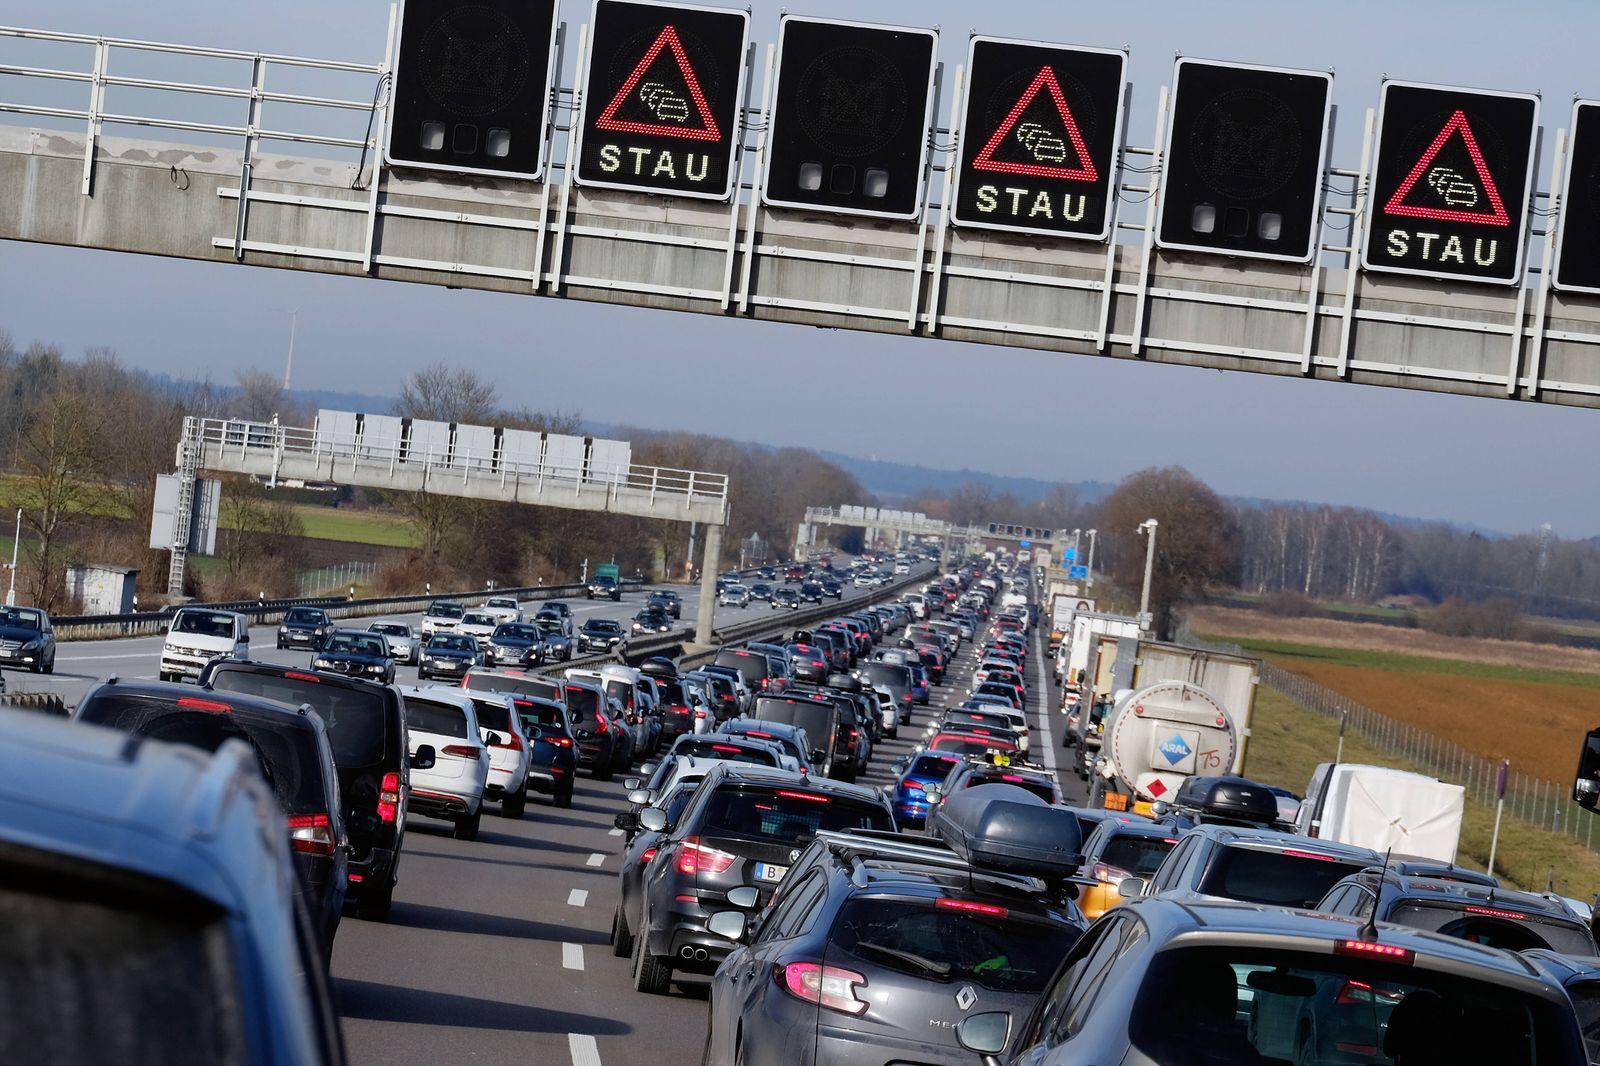 Stau auf der Autobahn zwischen M¸nchen und Berlin (A9) aufgrund des R¸ckreiseverkehrs zum Ende der Winterferien snapshot